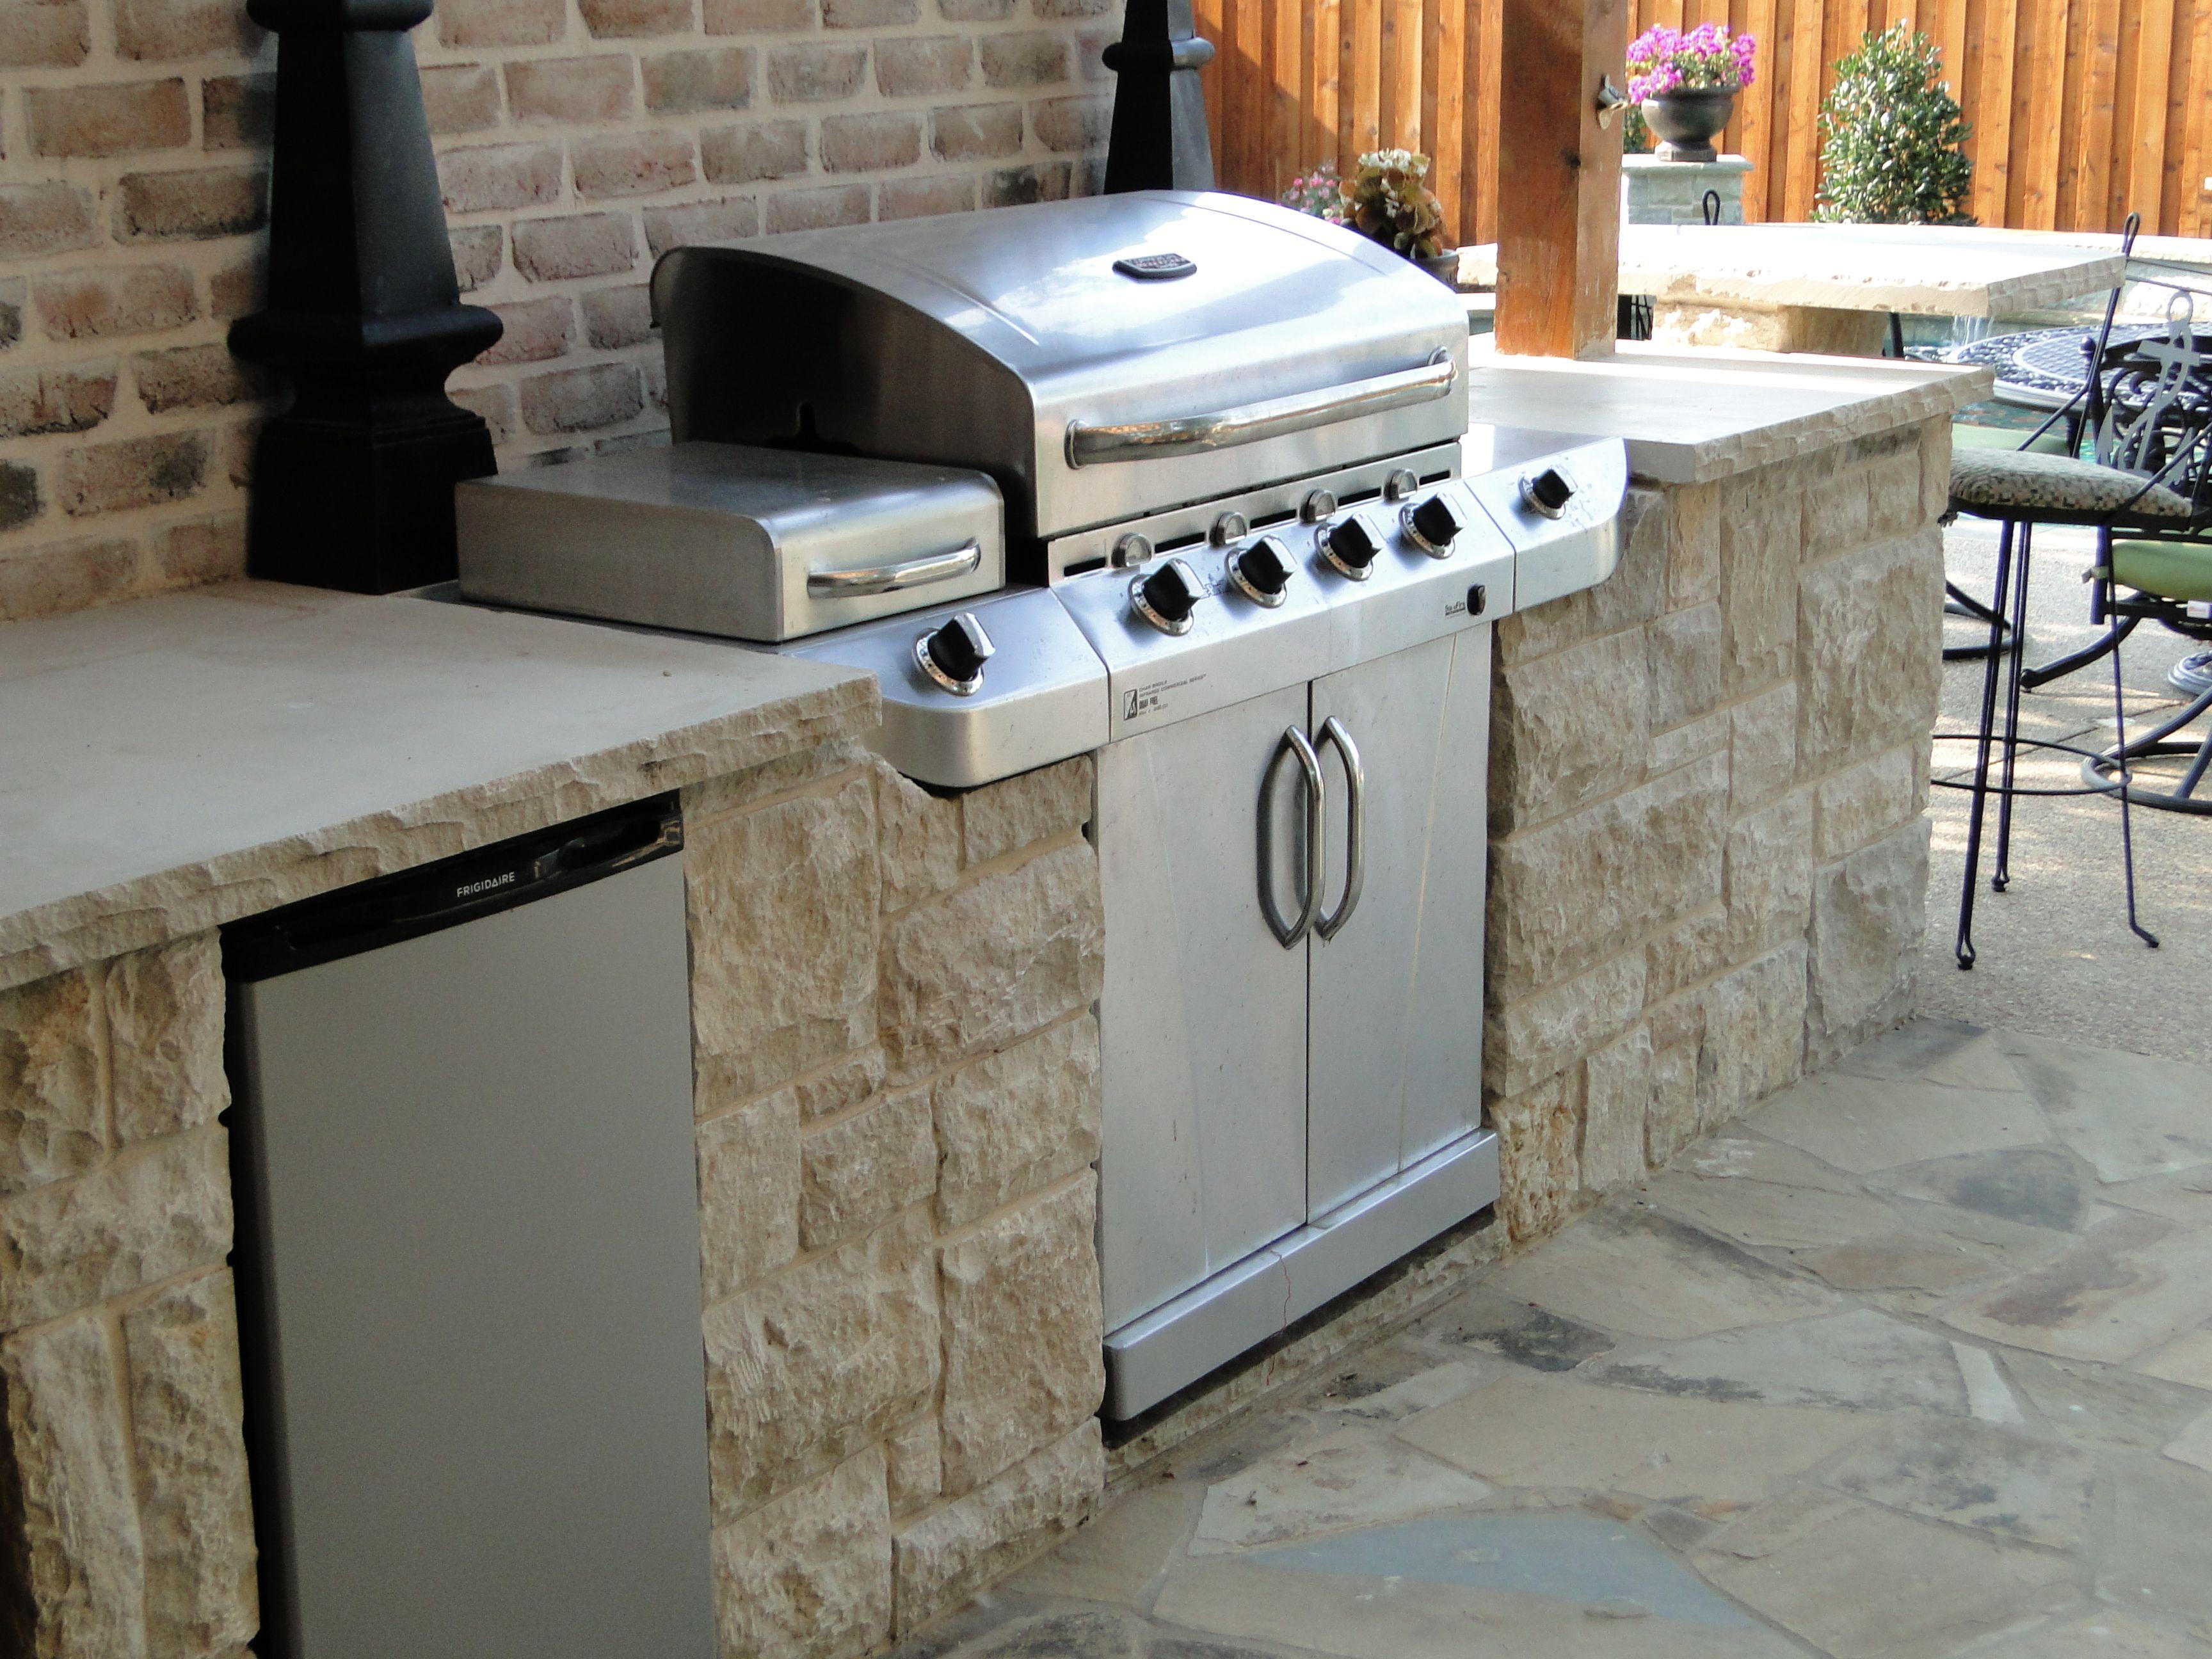 Diy Built In Grill Island Built In Grill Bridgeport Texas Flagstone Patio Jpg Outdoor Kitchen Countertops Outdoor Countertop